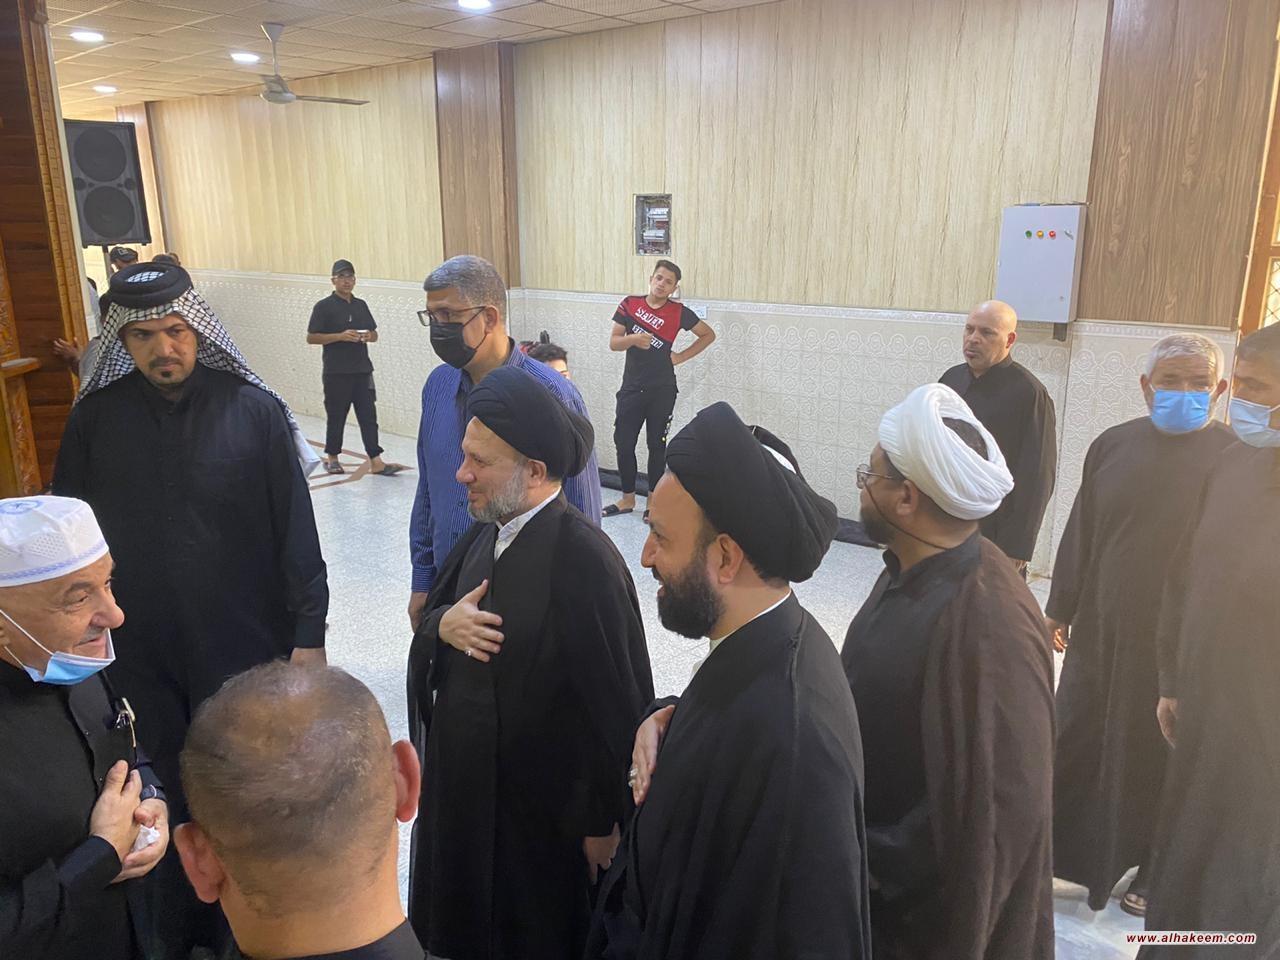 ممثل المرجع الكبير السيد الحكيم (مدّ ظله) يتفقد المواكب الحسينية في كربلاء المقدسة وينقل سلام ودعاء المرجعية لأصحاب المواكب والزائرين